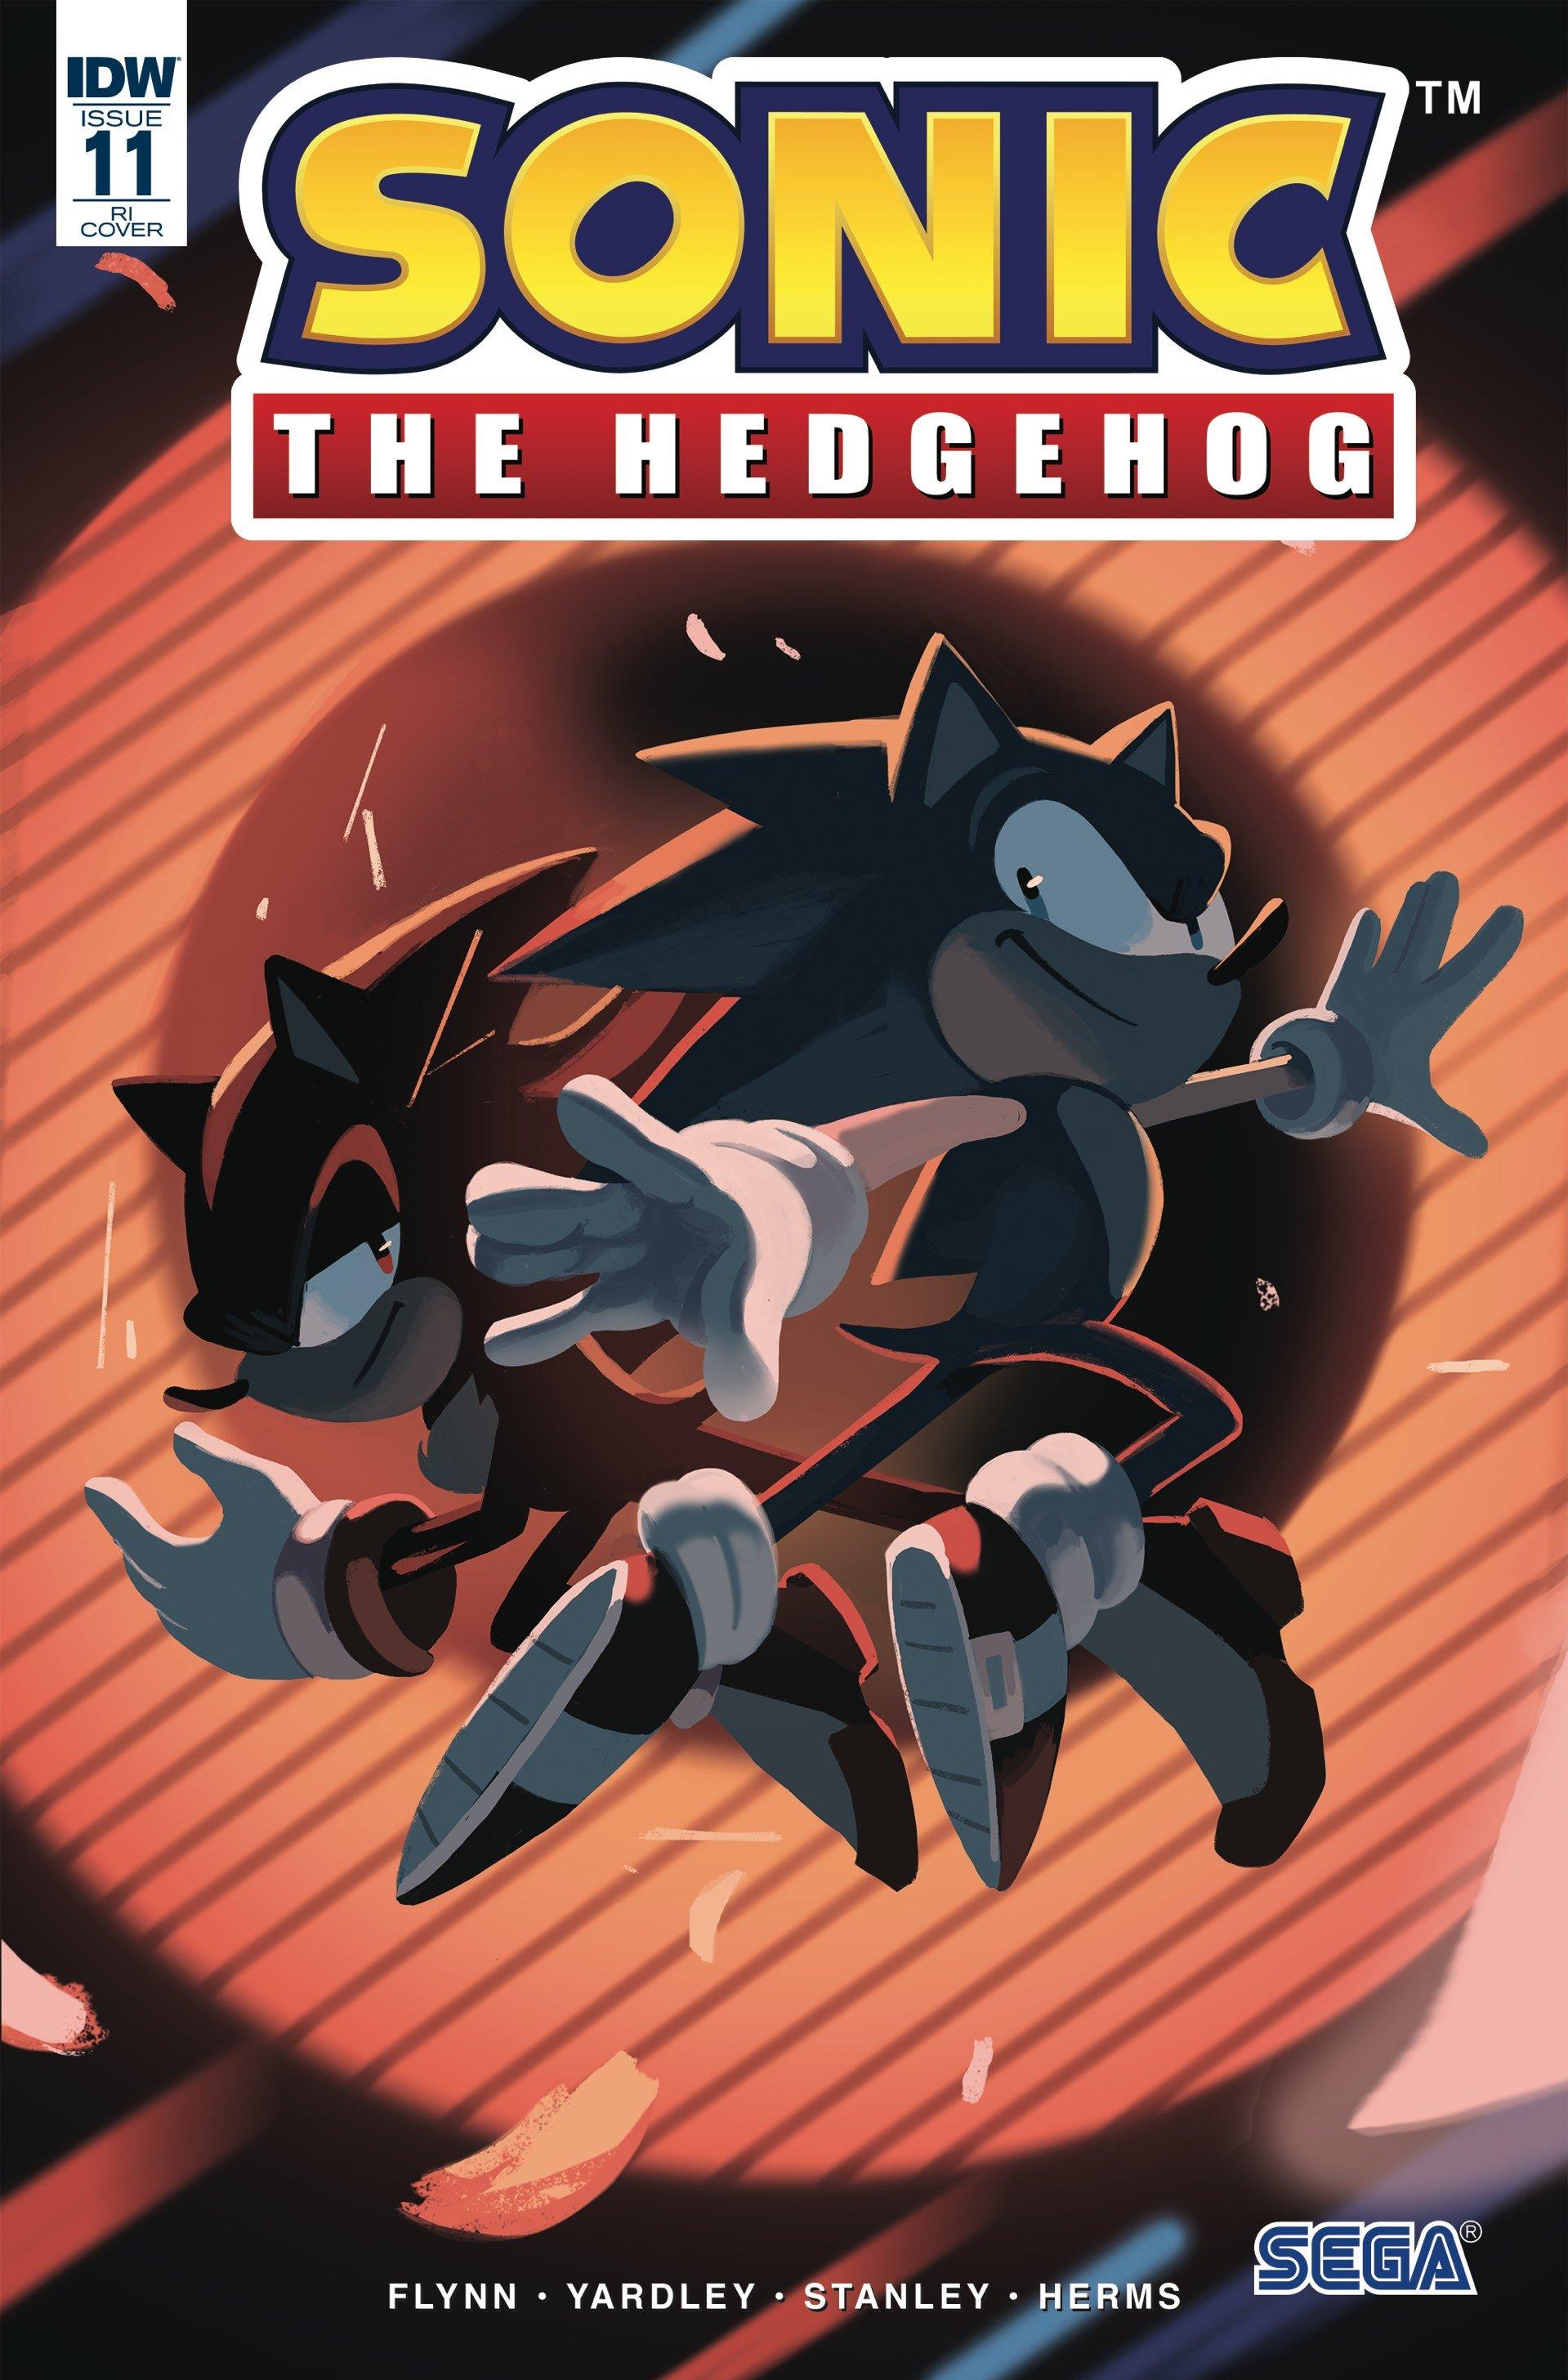 Sonic the Hedgehog 011 (November 2018) (retailer incentive)